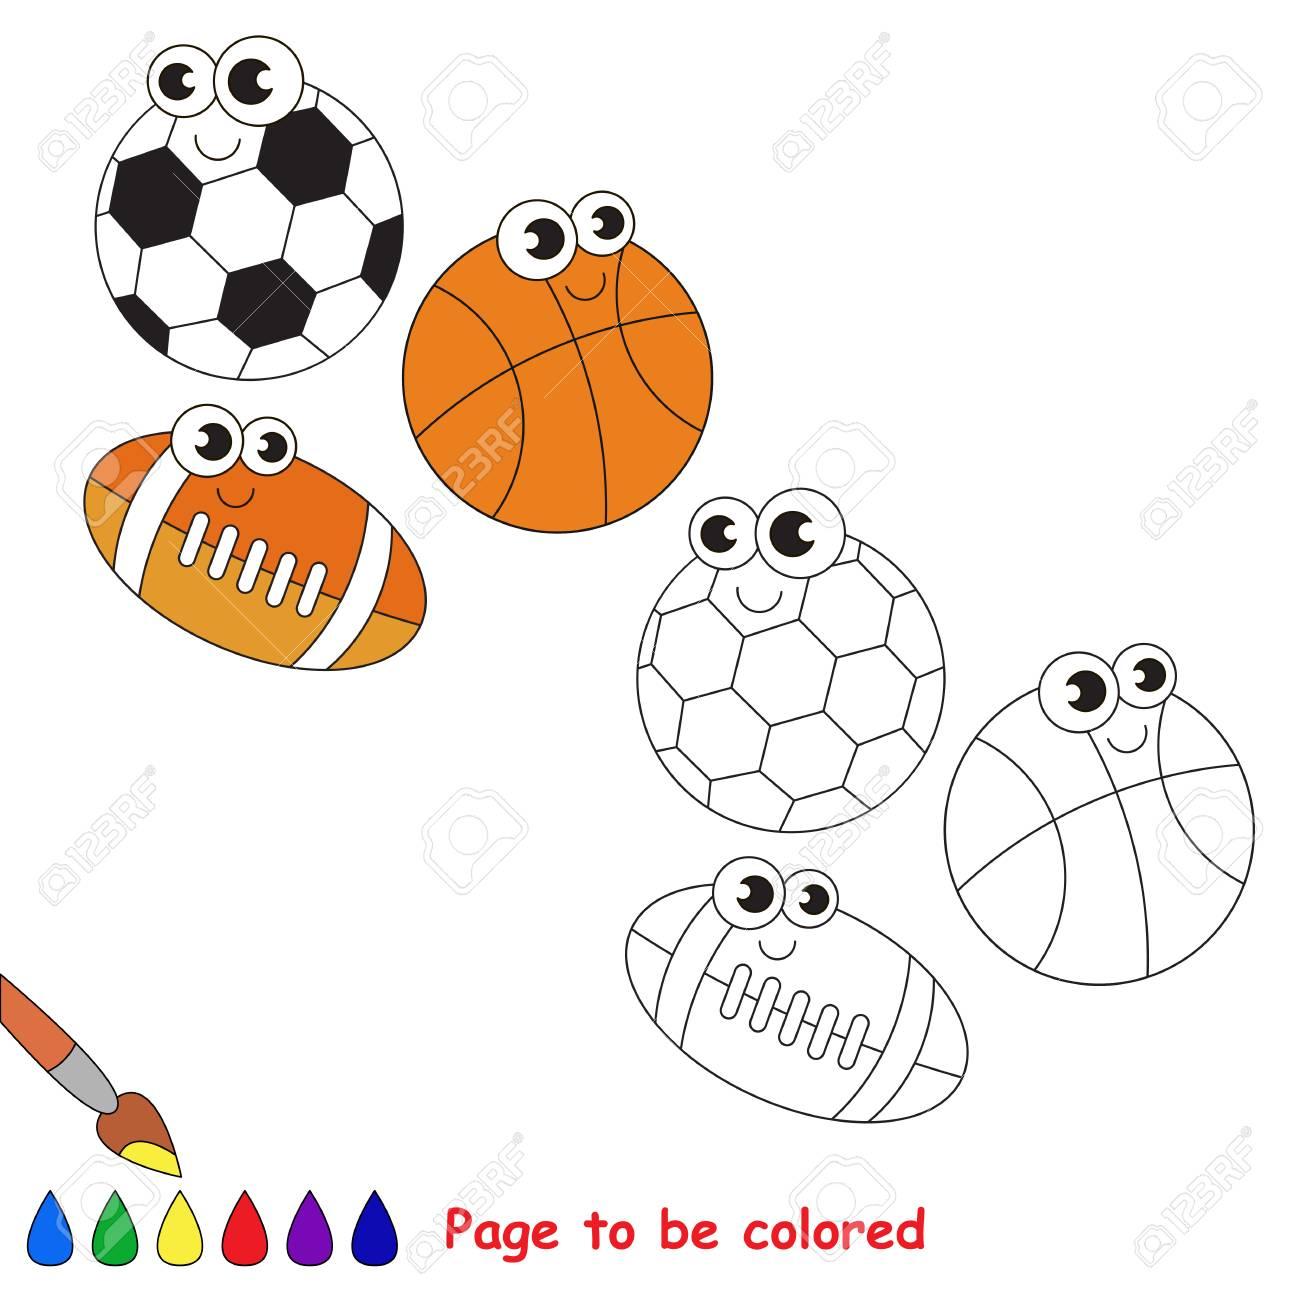 Kleurplaten Kleuren Spelletjes.Verschillende Te Kleuren Ballen Kleurboek Om Kinderen Op Te Voeden Leer Kleuren Visueel Educatief Spel Eenvoudig Niveau Kleurplaten